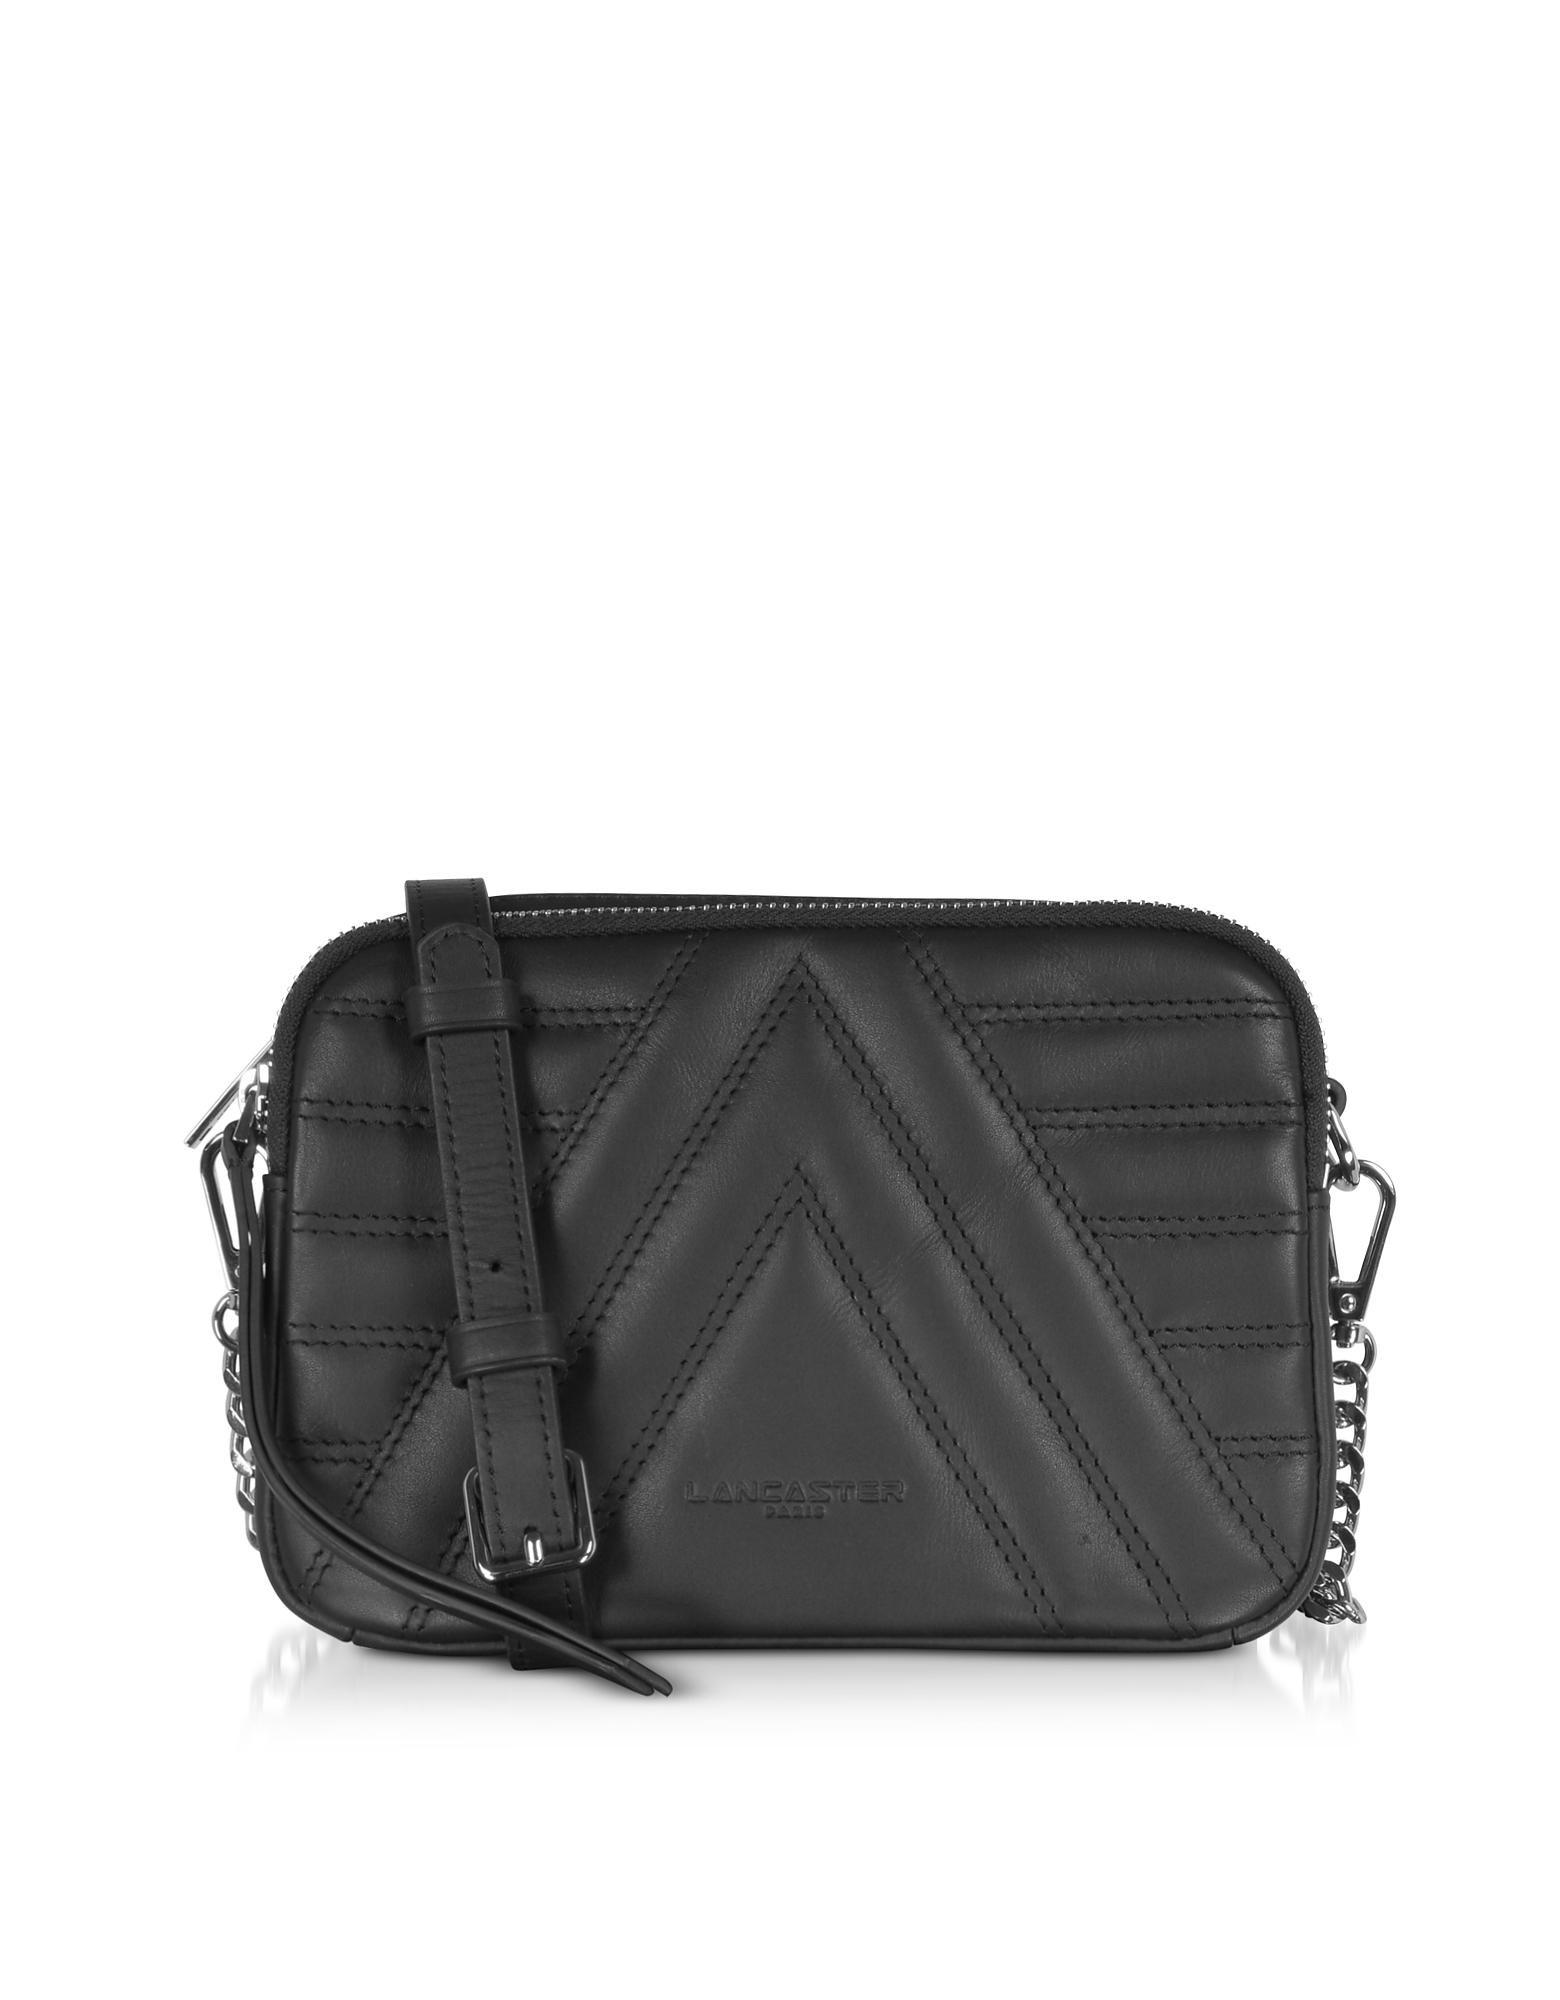 Lancaster Paris Designer Handbags, Parisienne Matelassé Quilted Leather Shoulder/Belt Bag